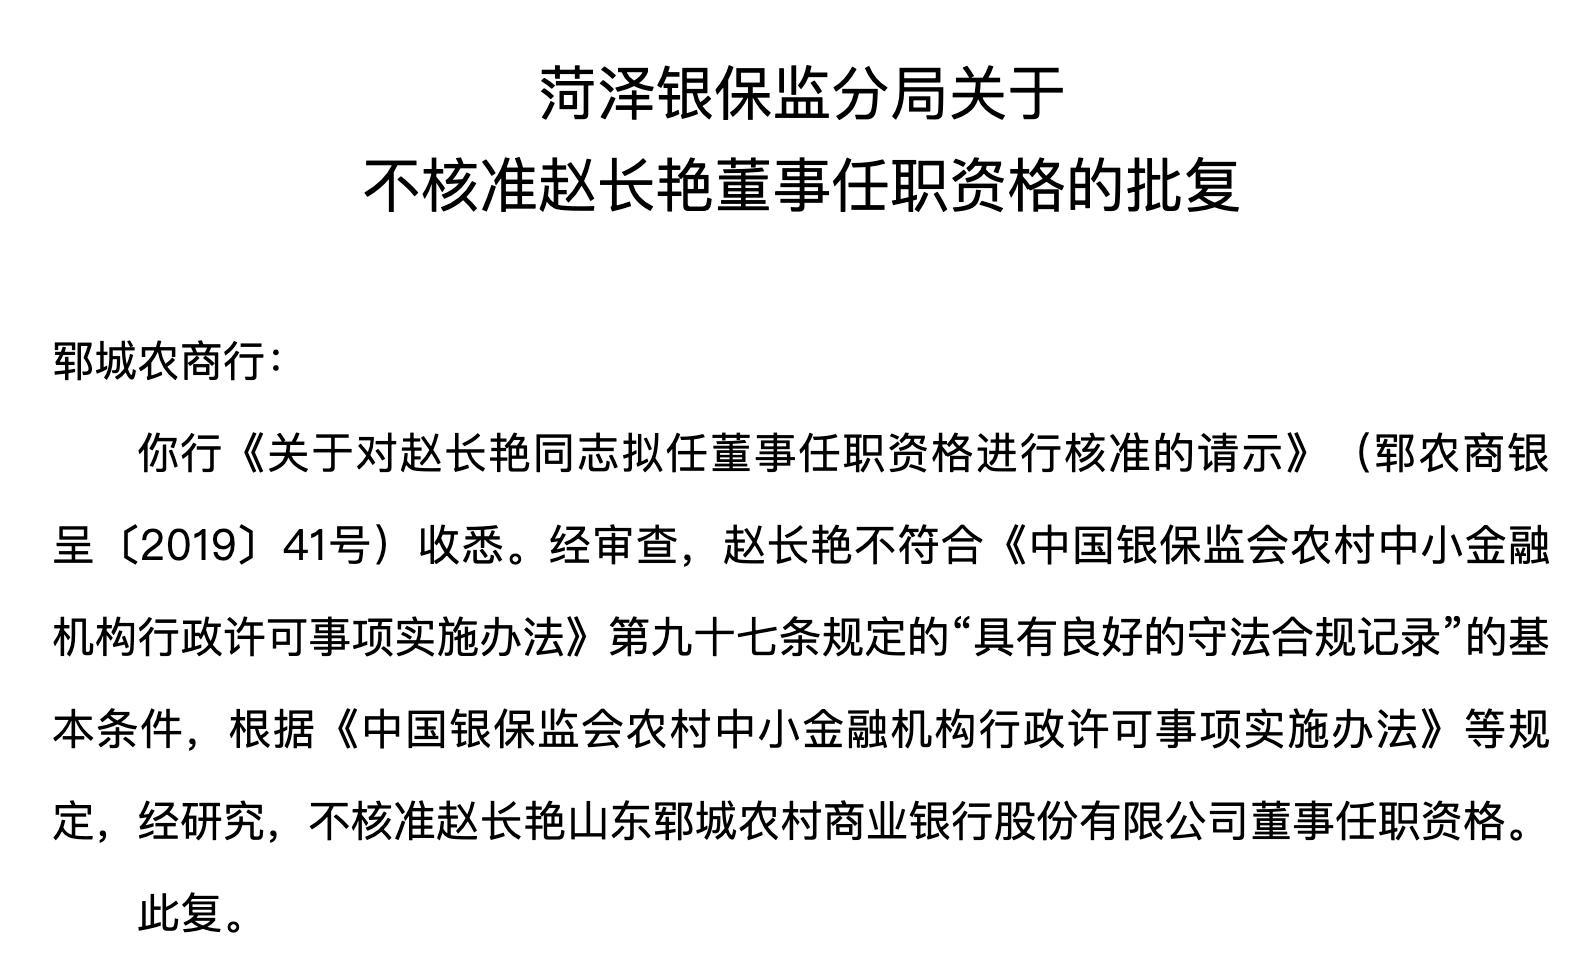 郓城农商行董事赵长艳任职资格被否 因不具良好守法合规记录